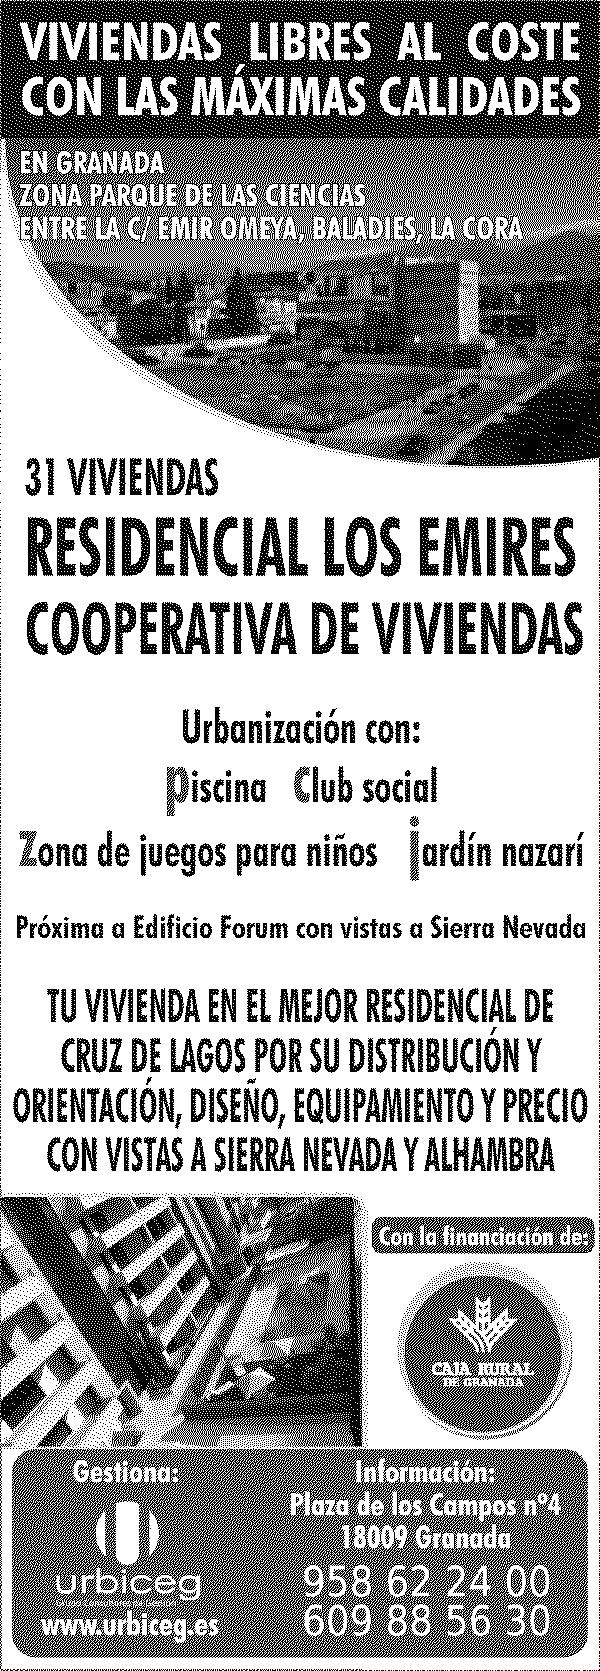 LOS EMIRES BN